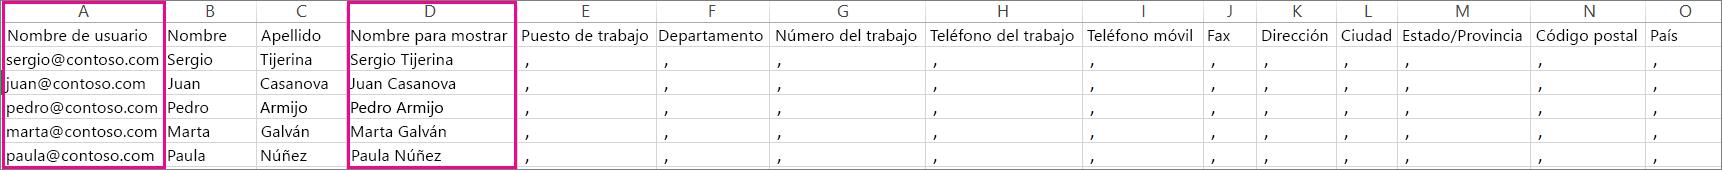 Ejemplo de archivo CVS con filas en blanco especificadas